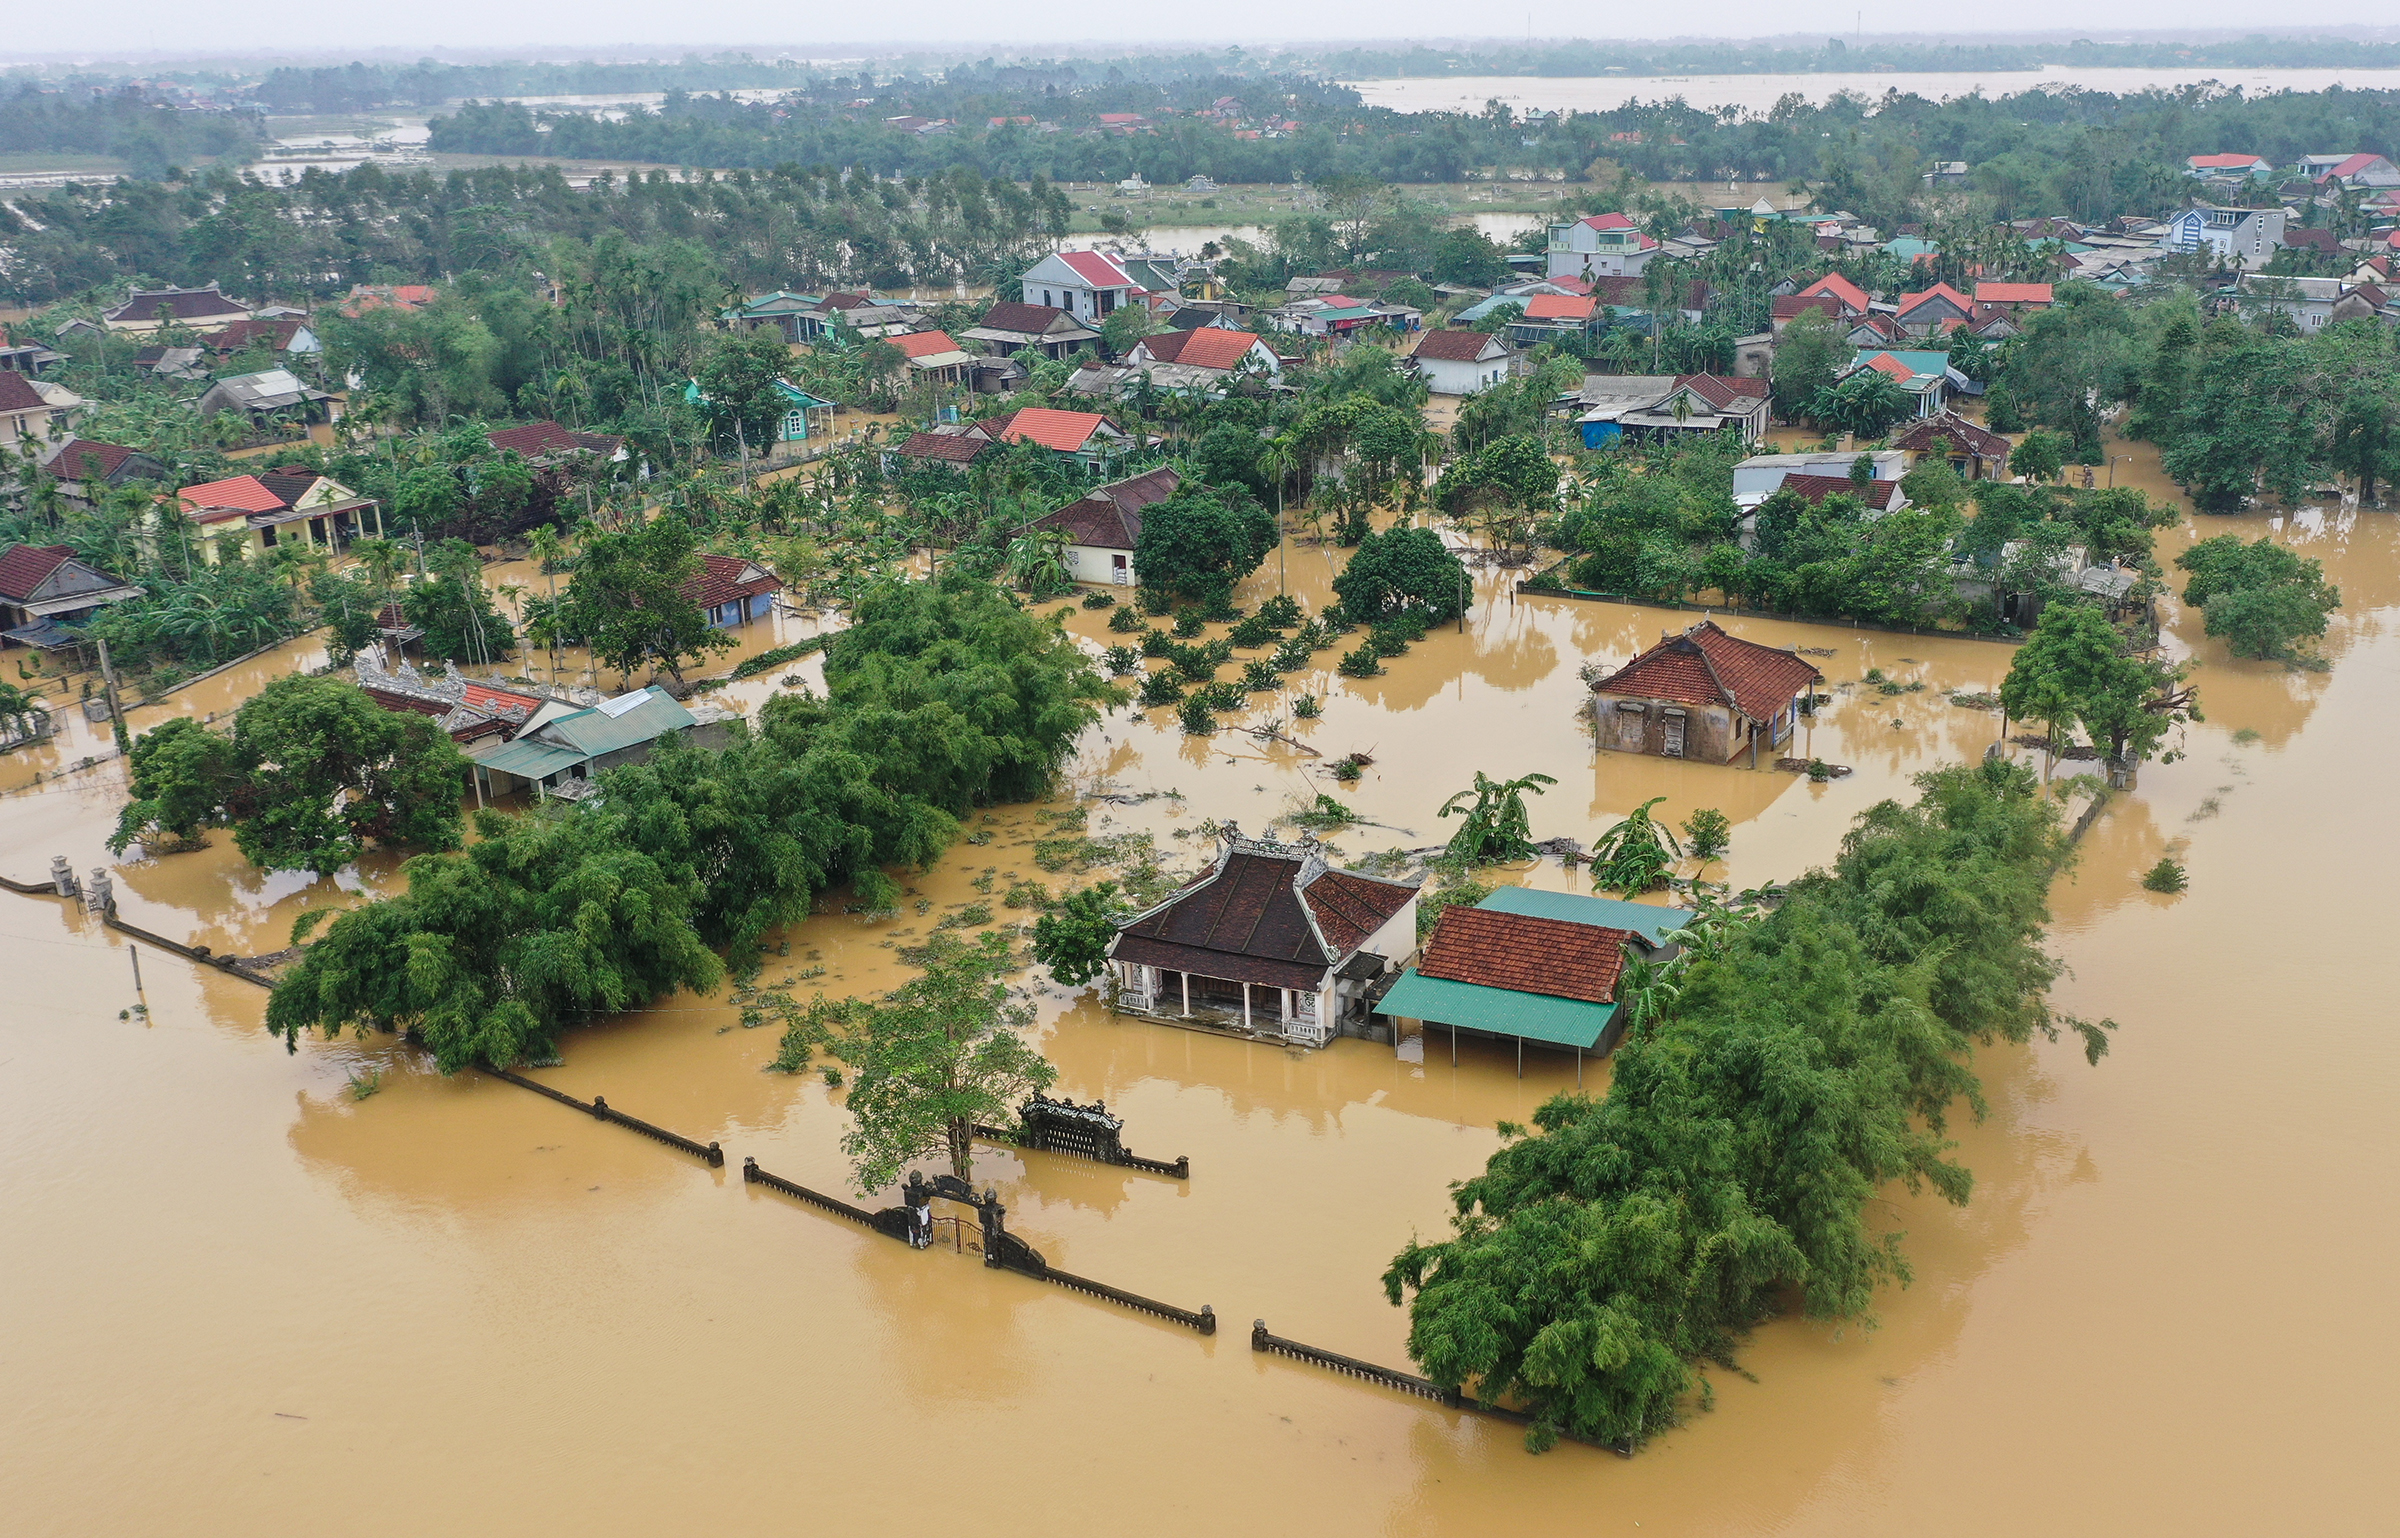 Australia cam kết giúp Việt Nam 2 triệu AUD ứng phó với lũ lụt ở miền Trung